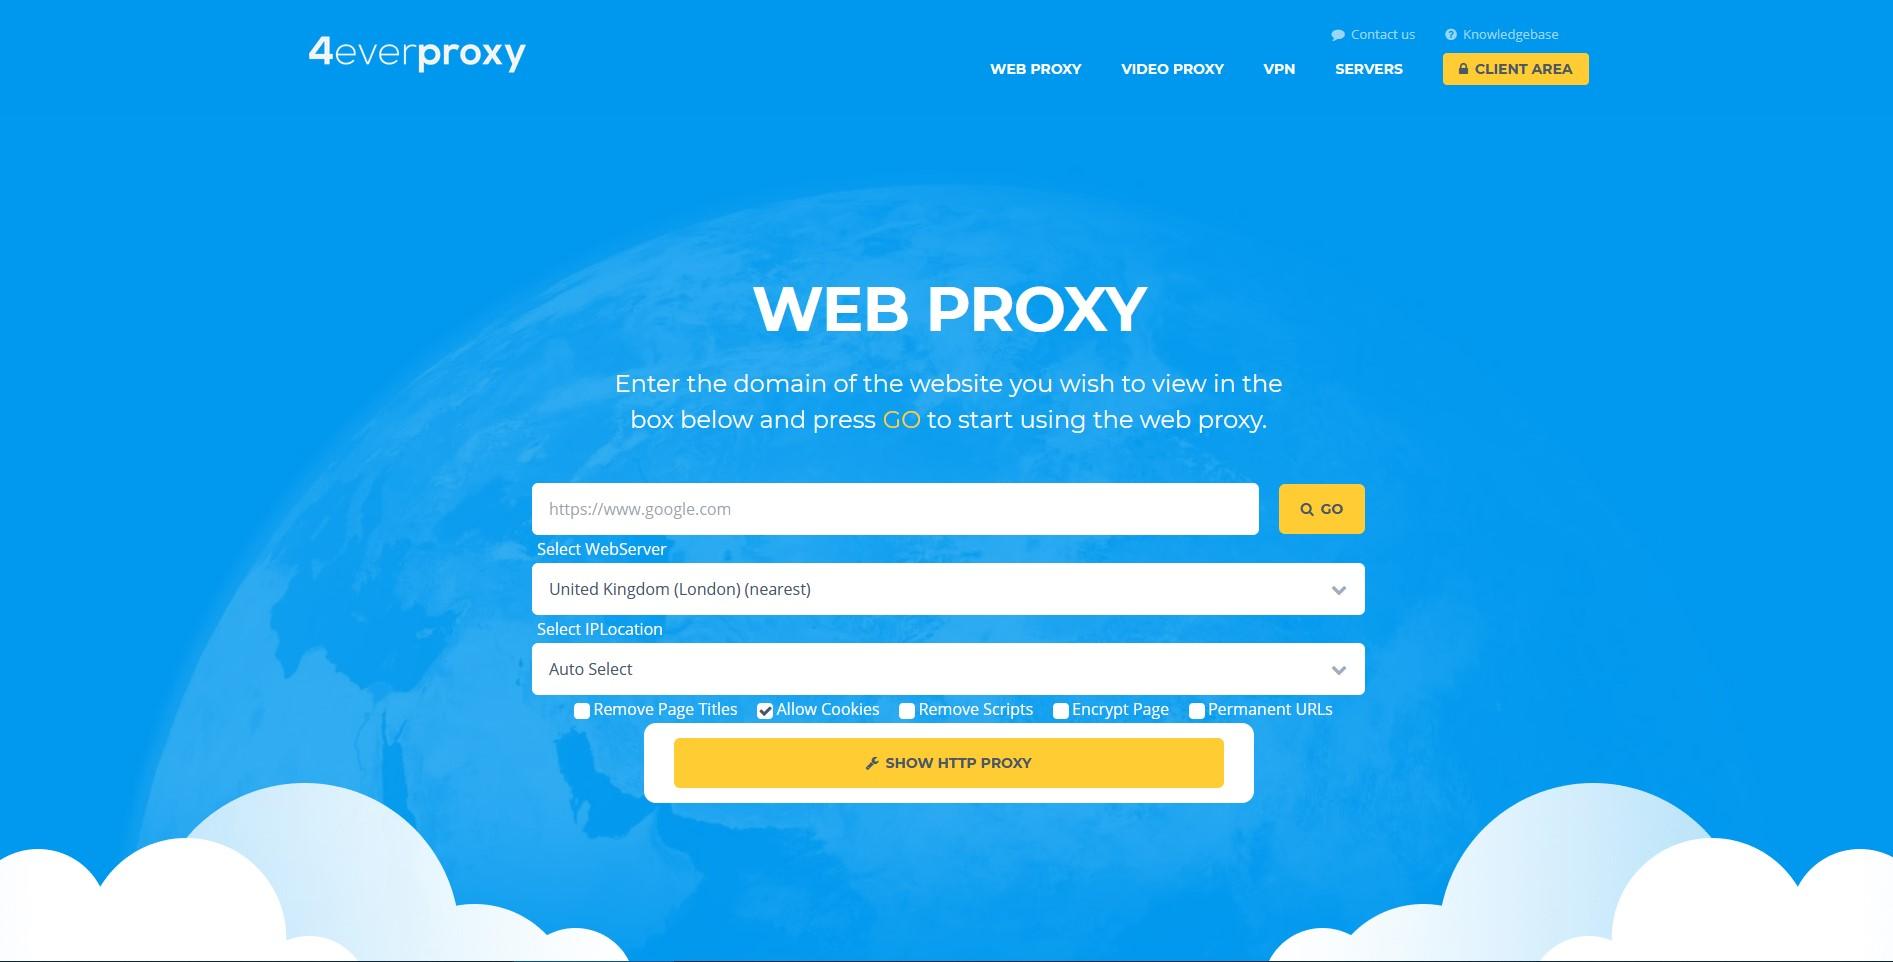 4everproxy proxy